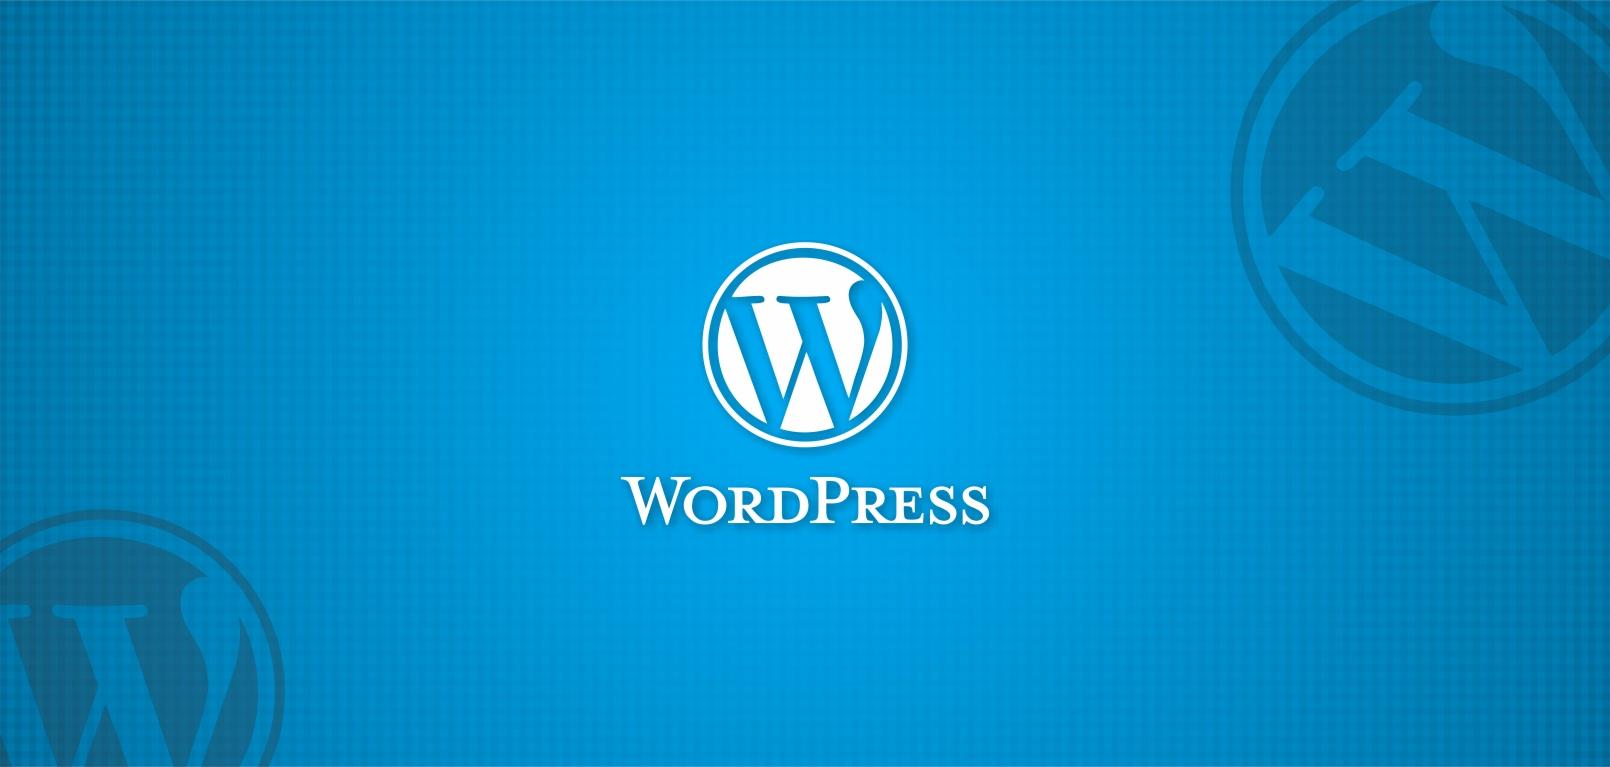 Internship with WordPress platform